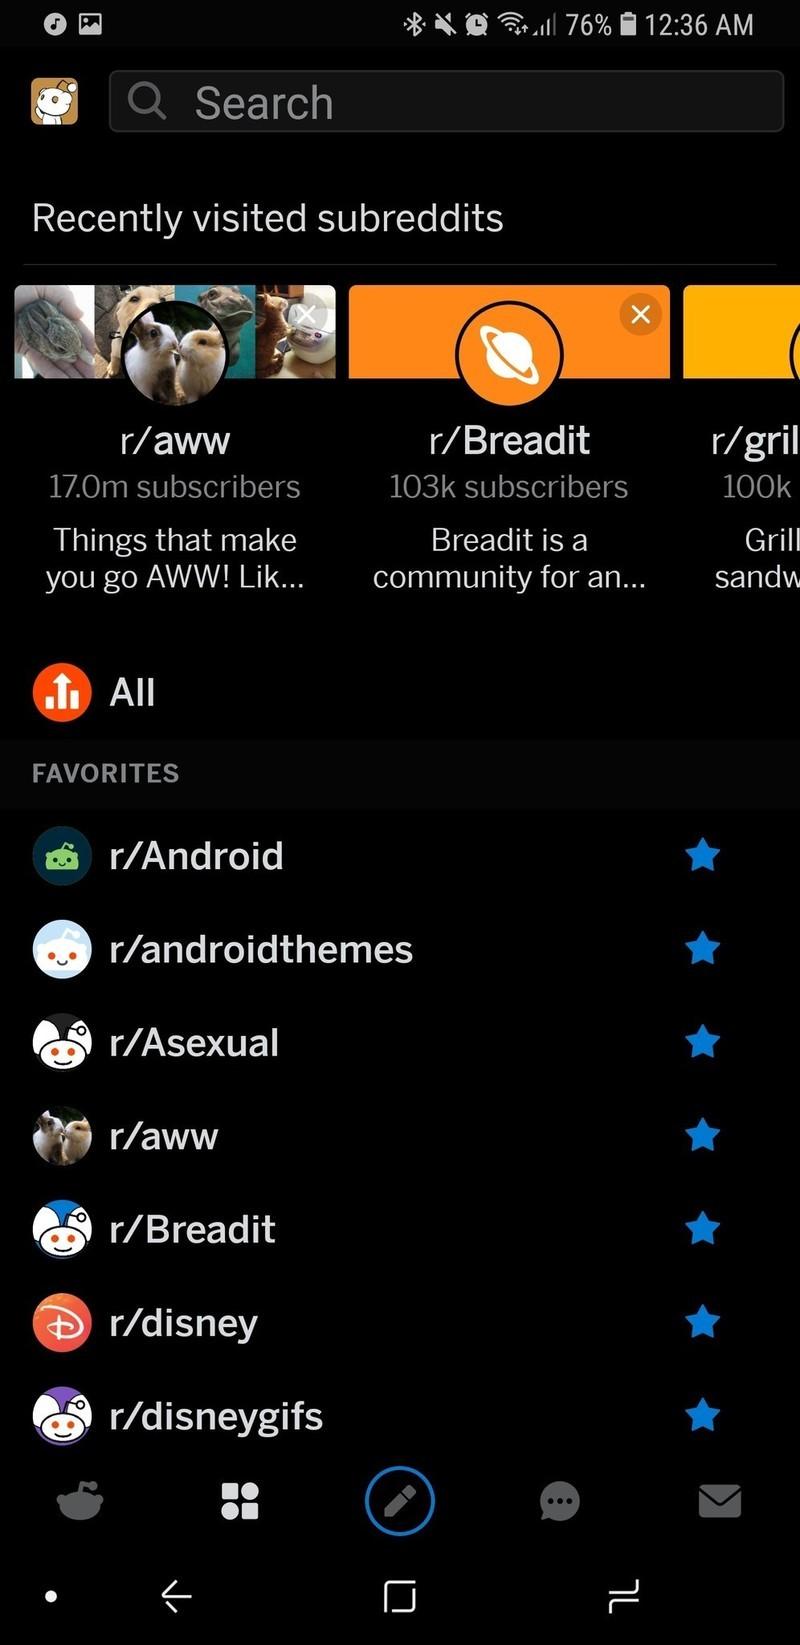 reddit-apps-official-subreddits.jpg?itok